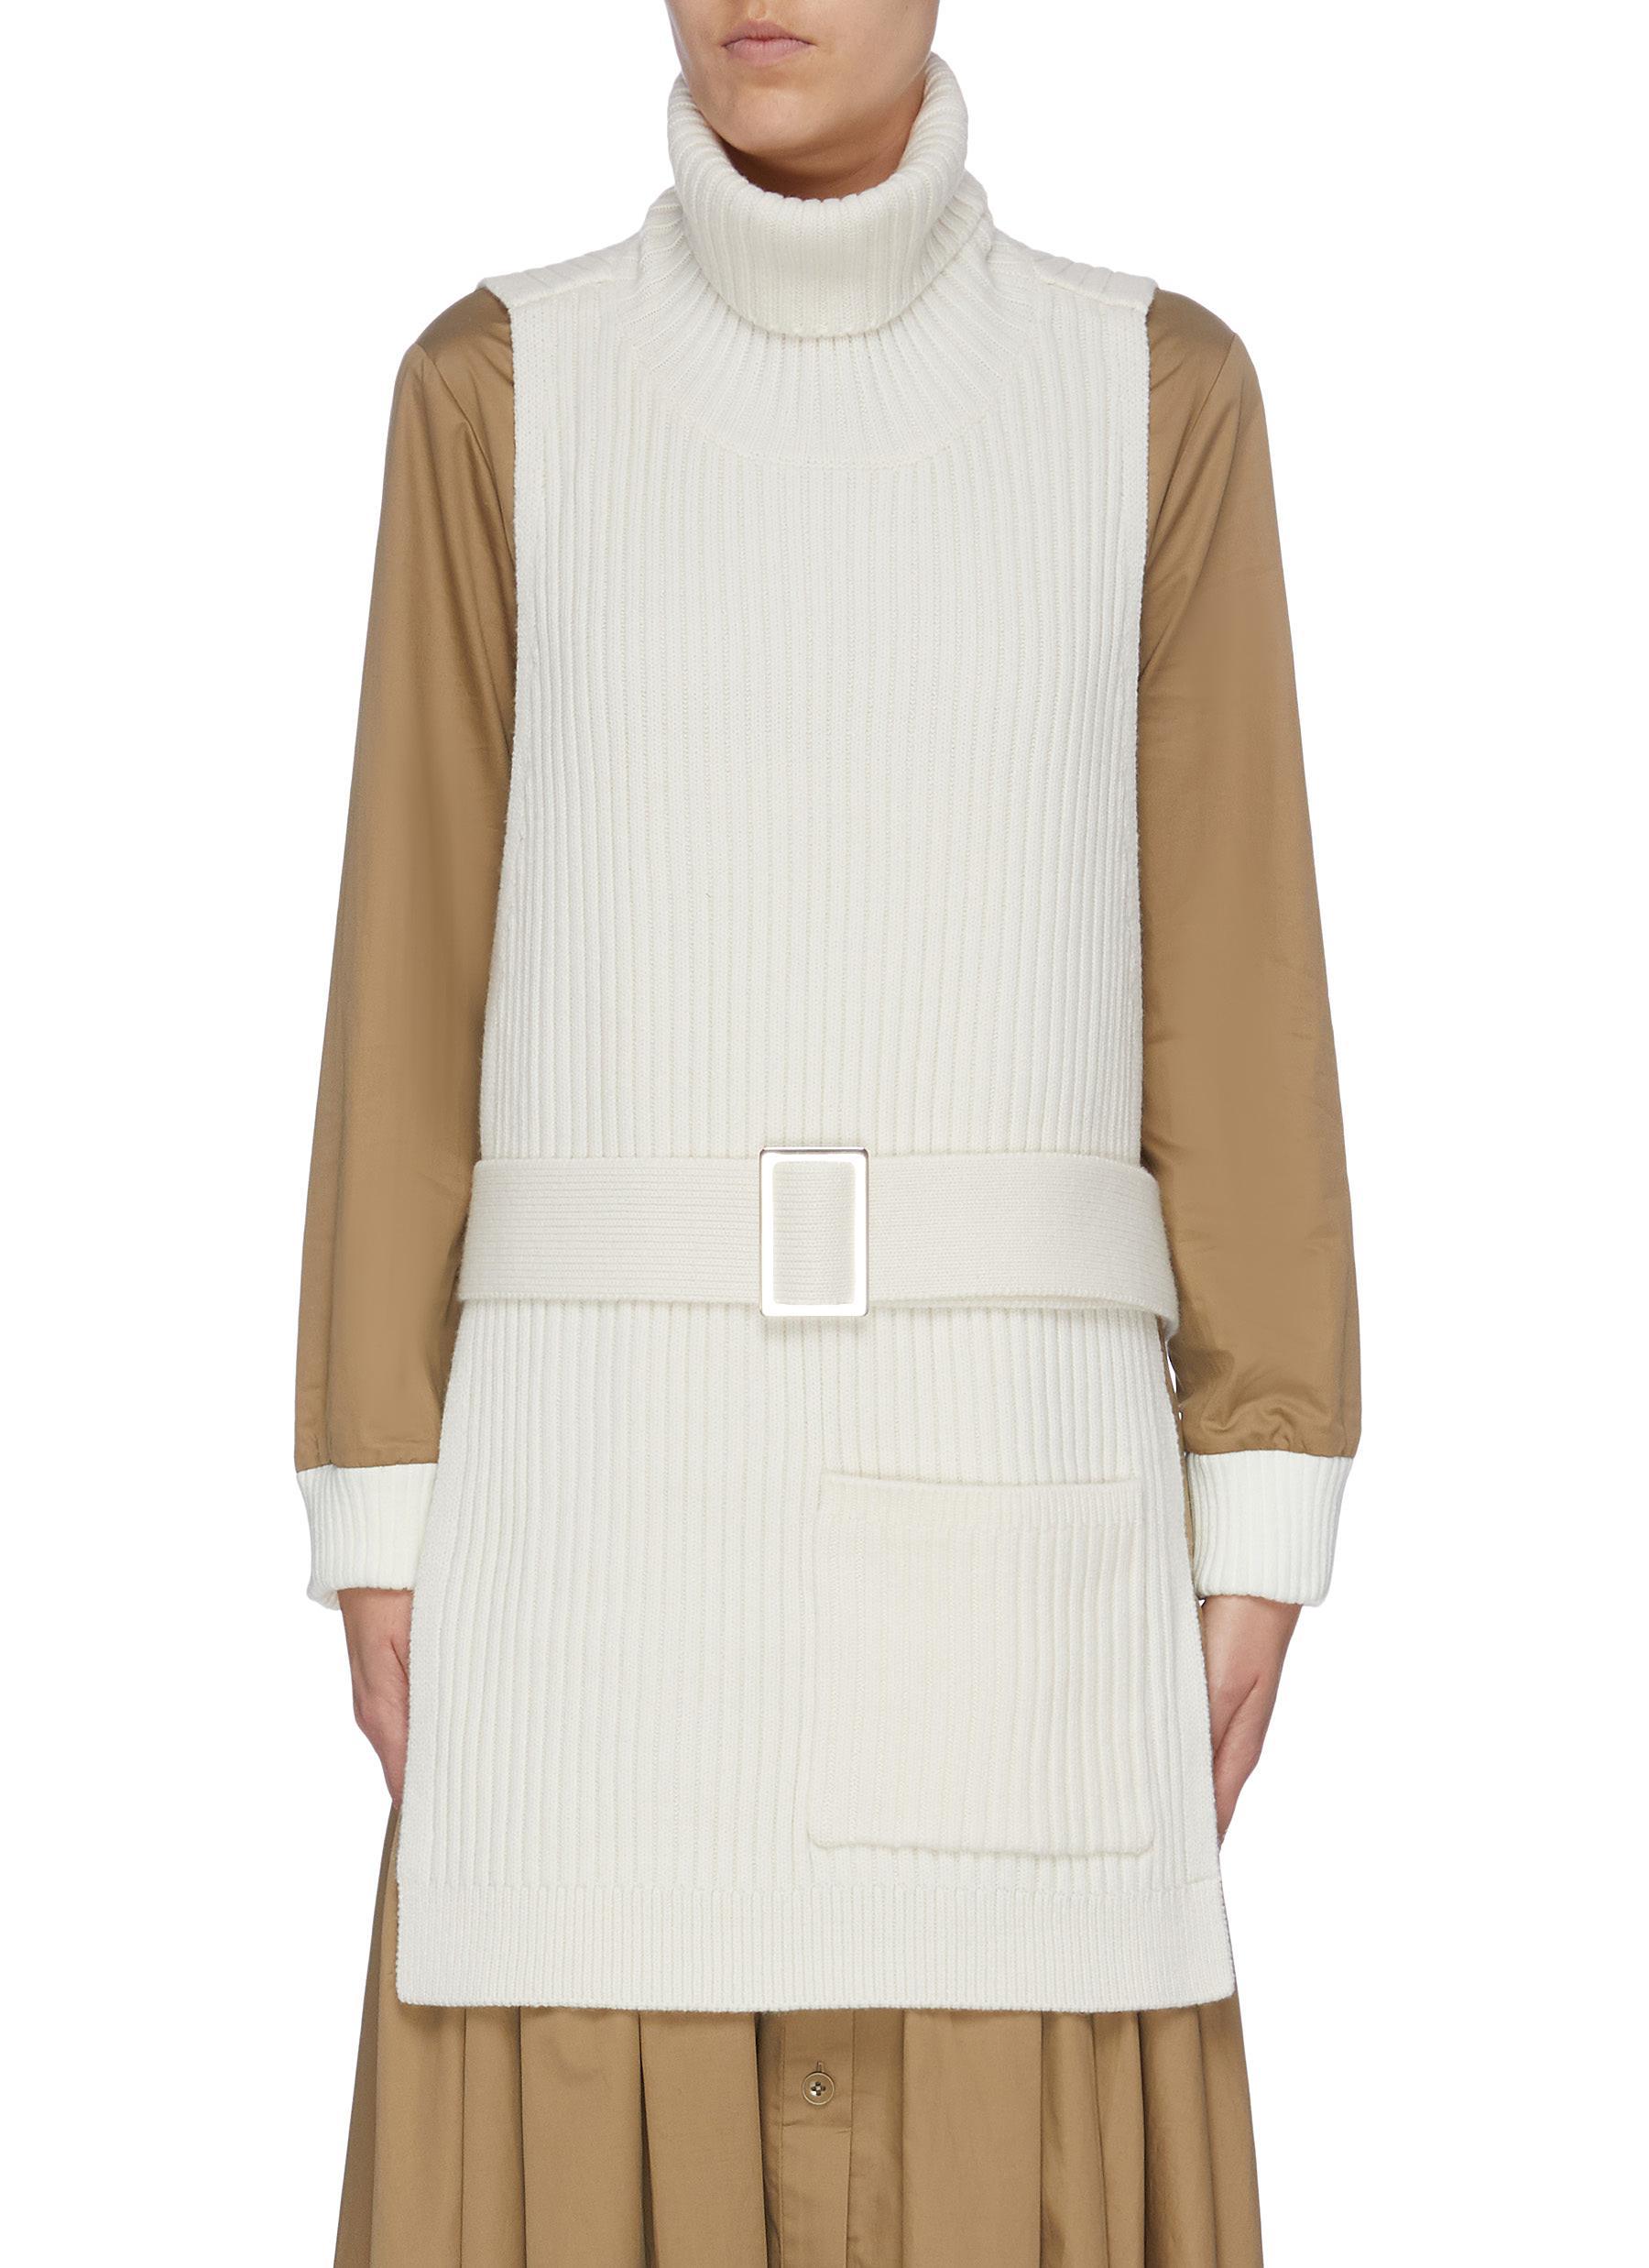 Belted merino wool rib knit turtleneck apron by Tibi